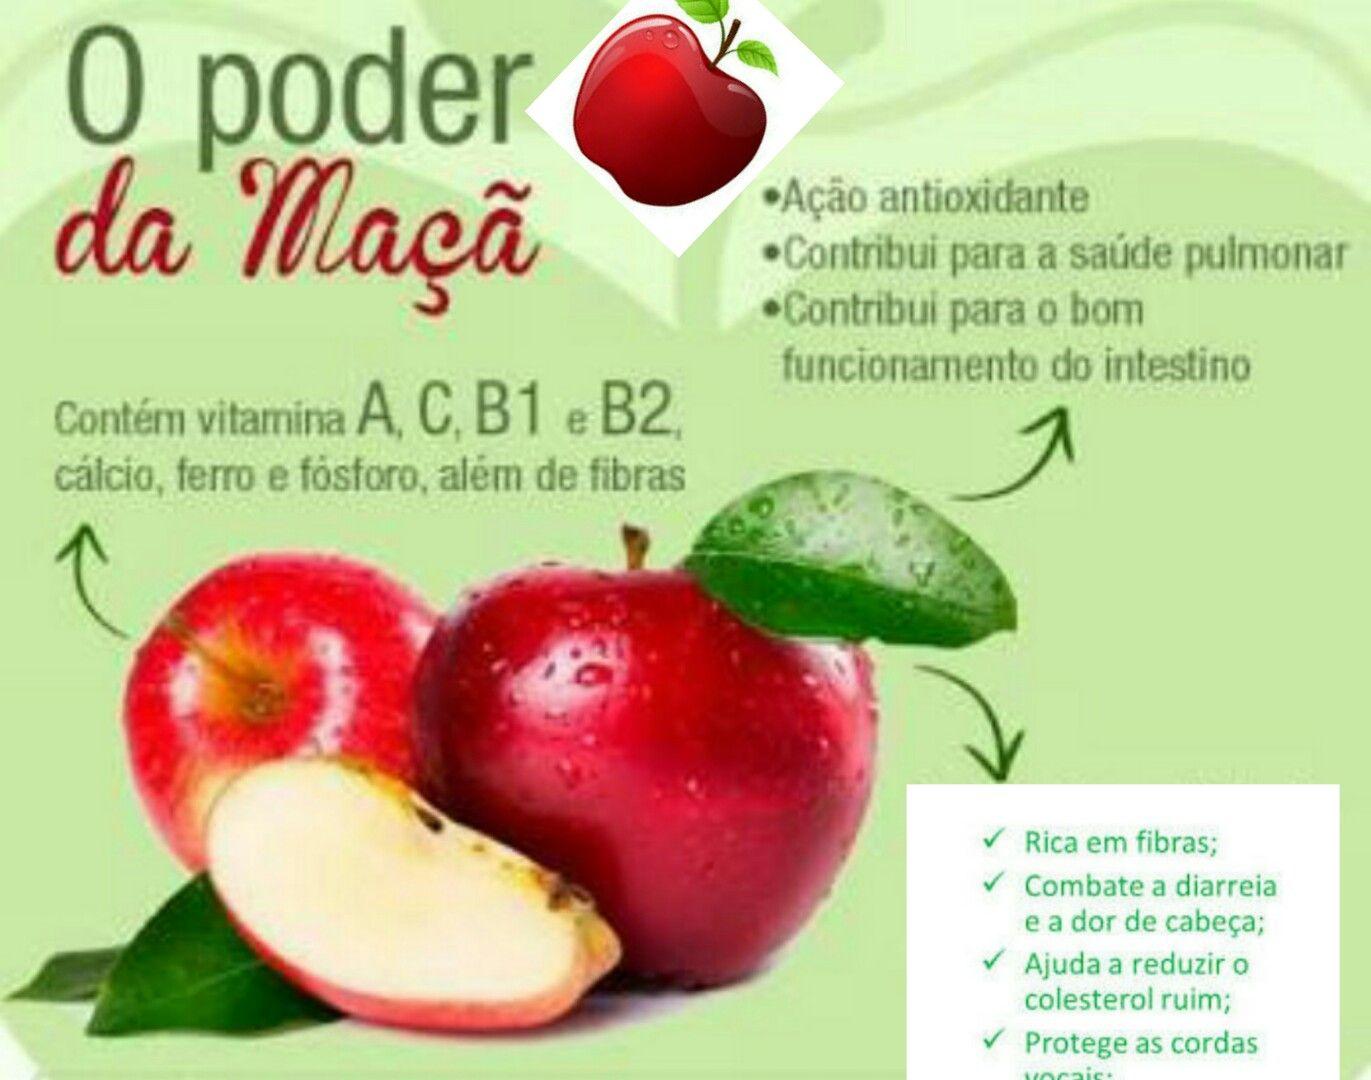 Maçã é tudo de bom.  E para quem tem dúvidas sobre o que é antioxidante achei muito boa a explicação do site abaixo. http://www.dicasdotimoneiro.com.br/uma-maca-por-dia-mantem-o-medico-afastado/